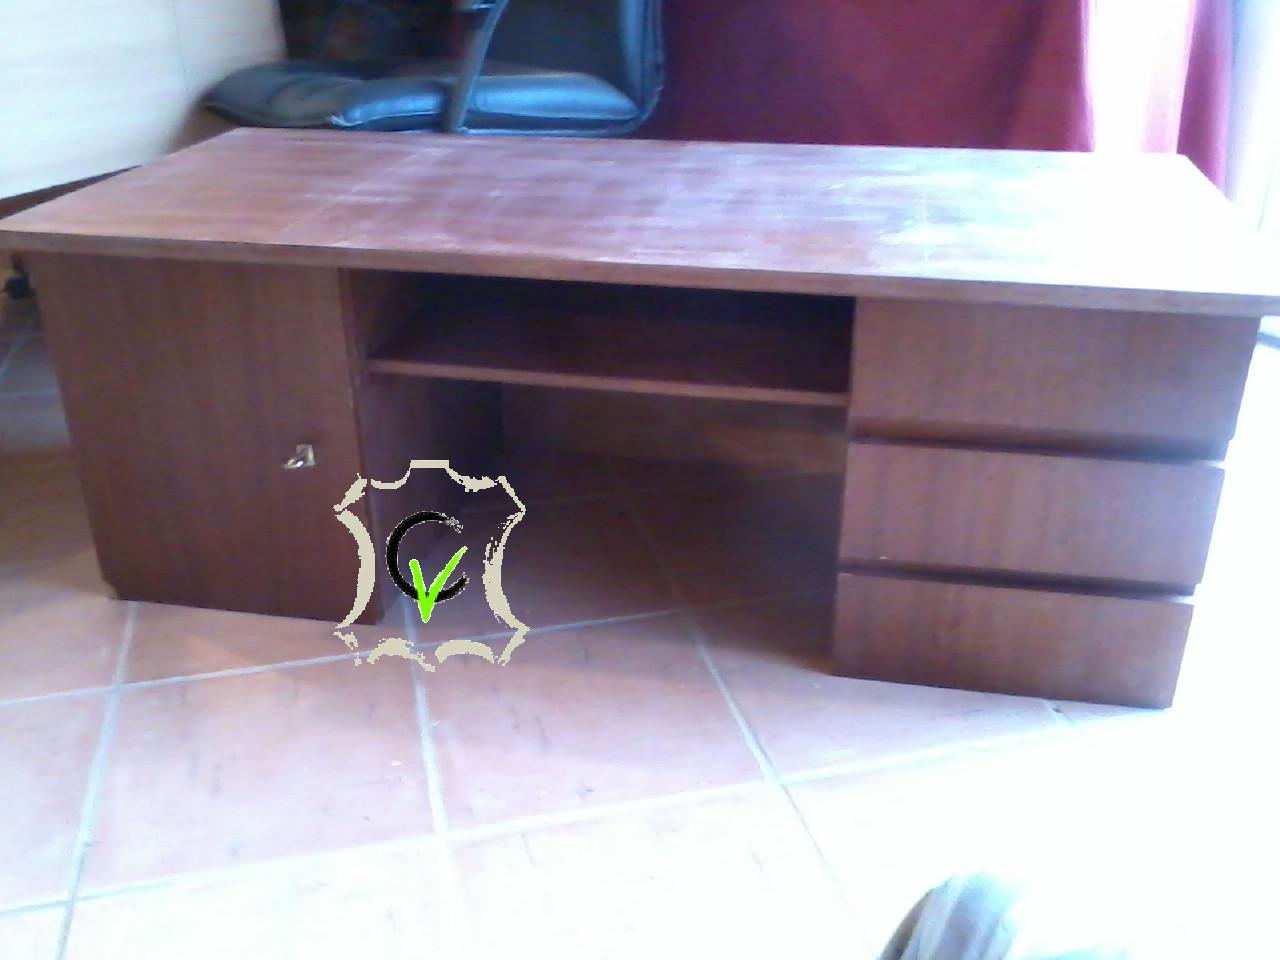 bureau en agloméré plaqué bois , le placage était abimé par endroit, les pieds sont démontés pour recolage